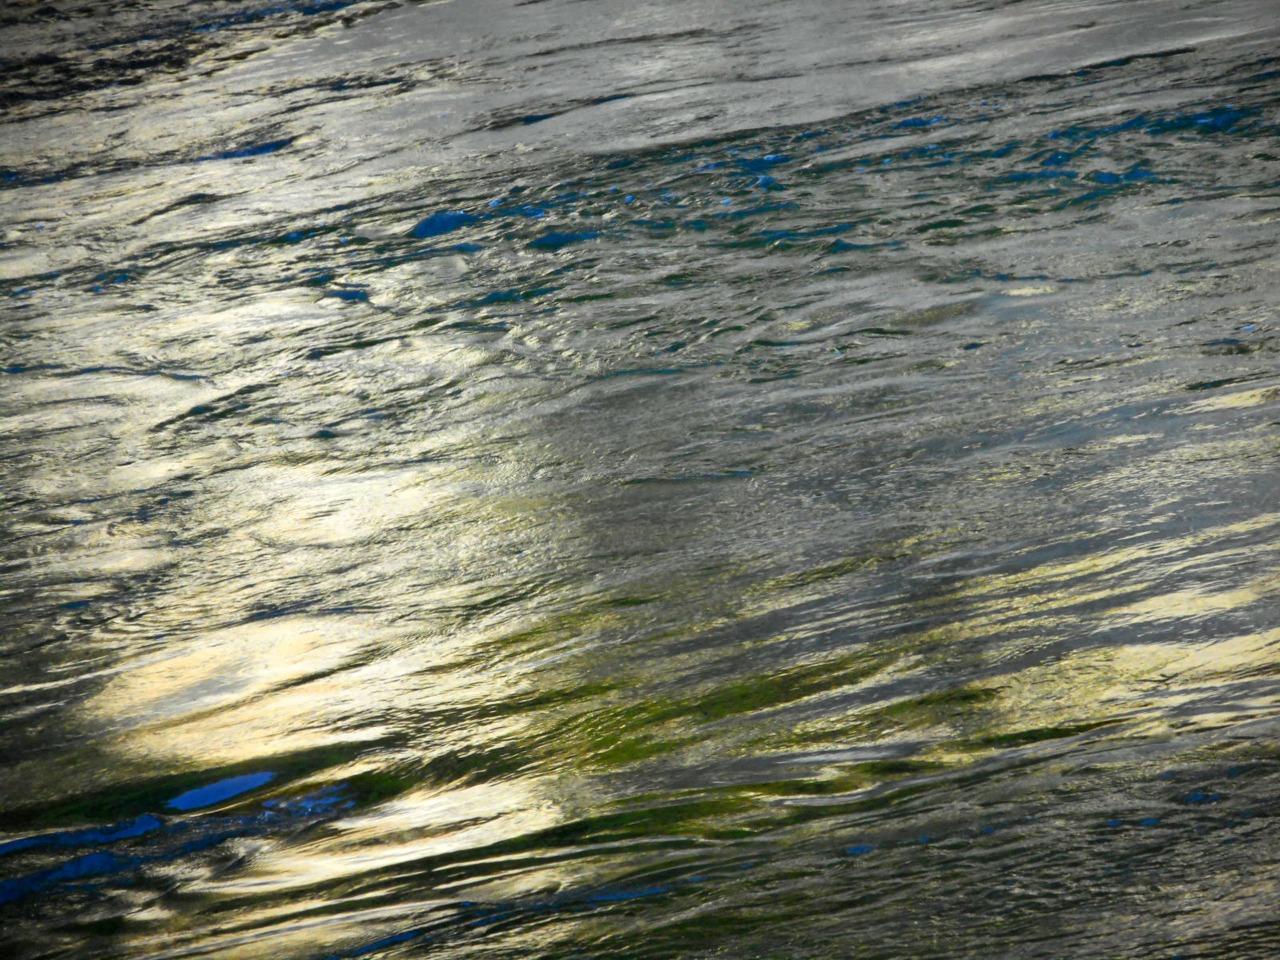 コロナ疲れが解消されるような風景画像(広瀬川)